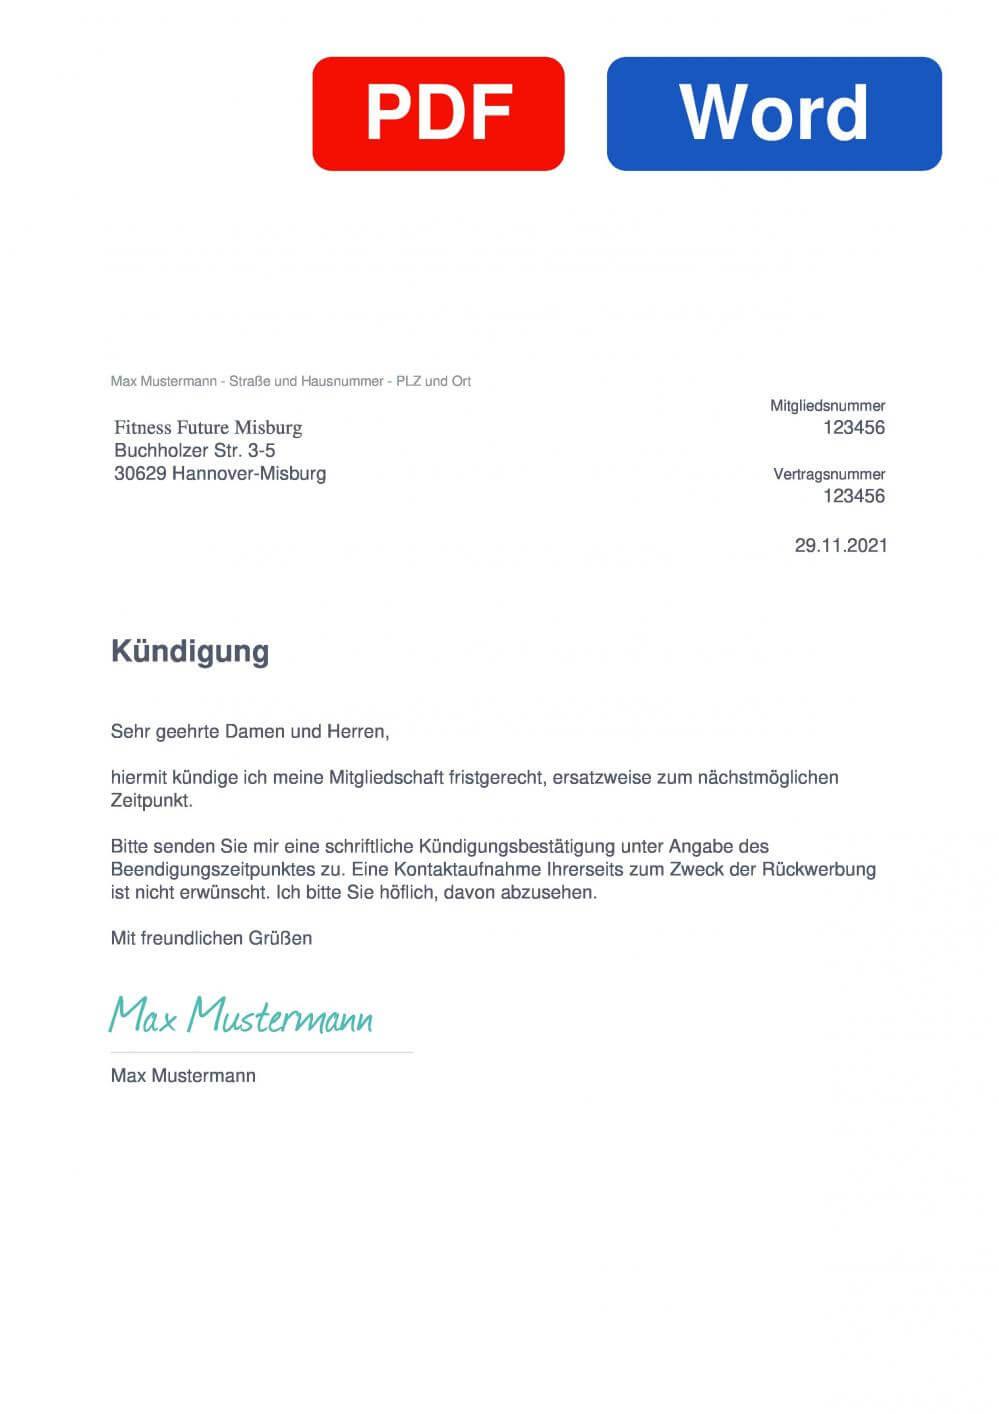 FitnessFuture Misburg Muster Vorlage für Kündigungsschreiben